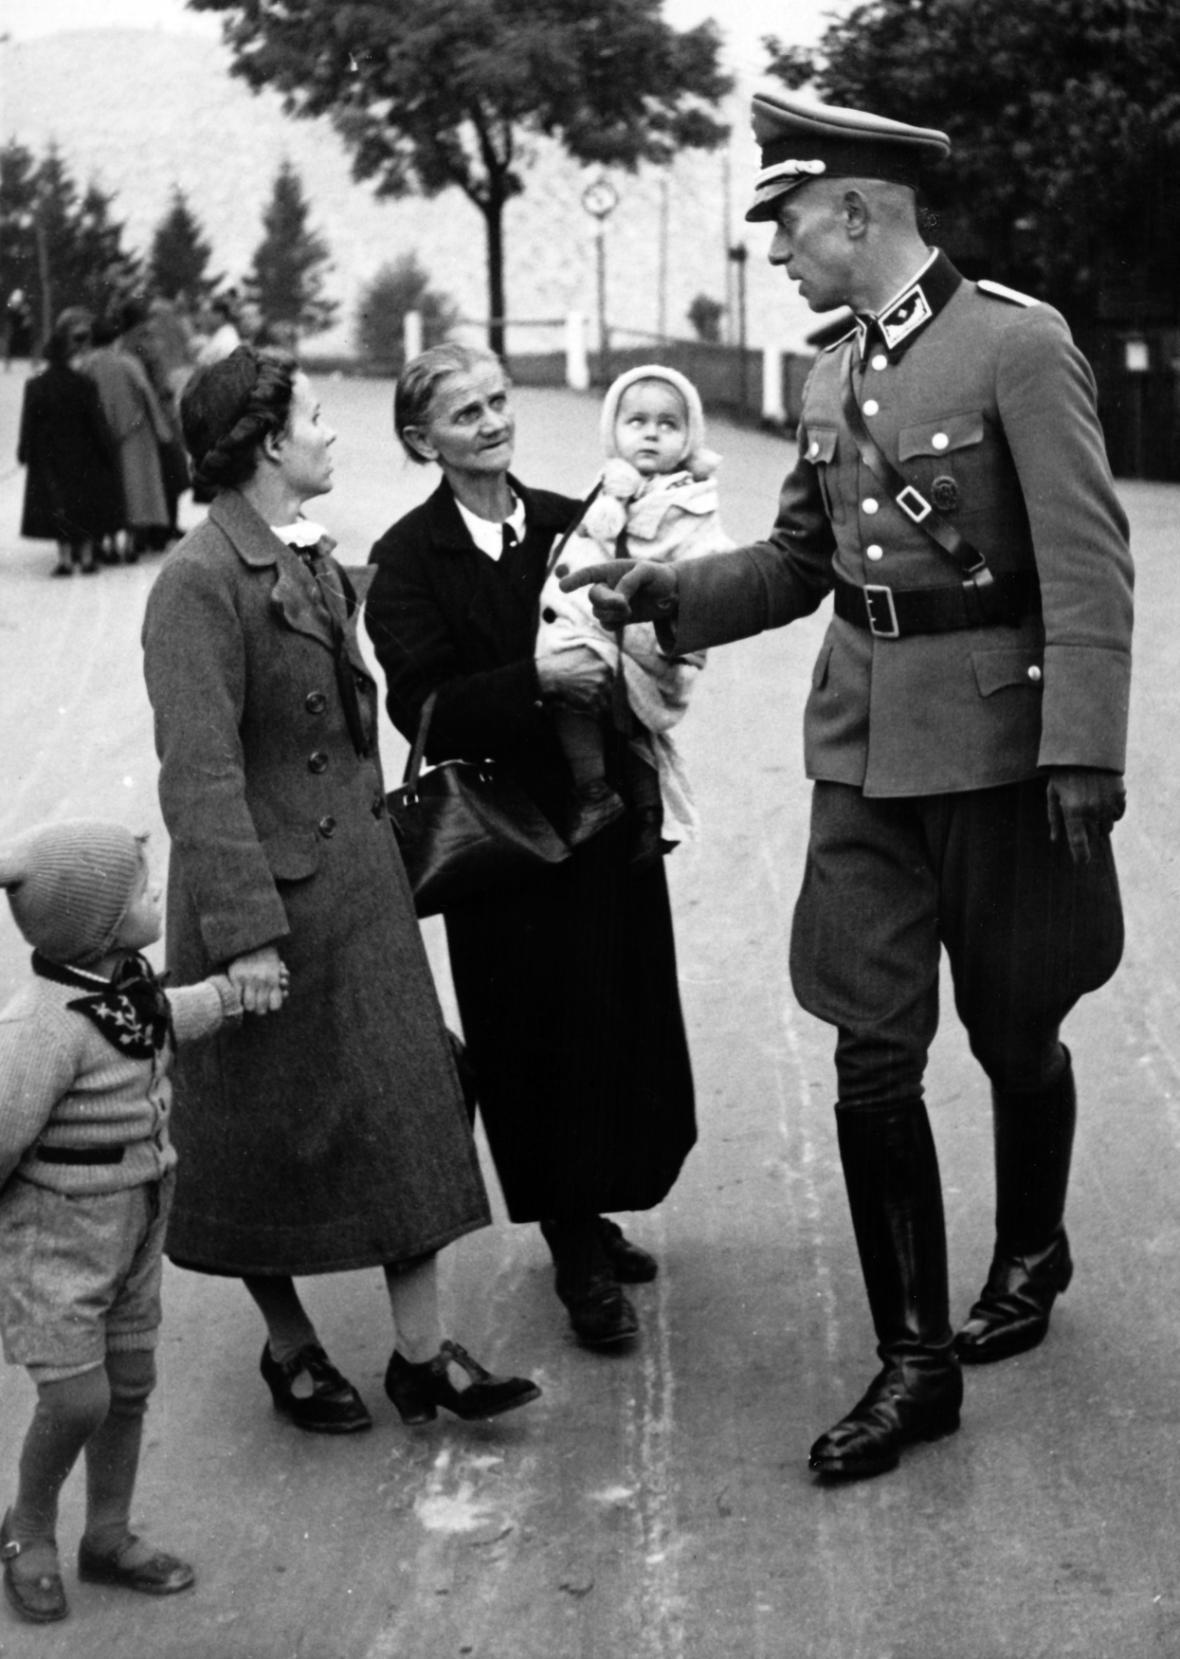 Německá protičeská propagandistická fotografie ze září 1938